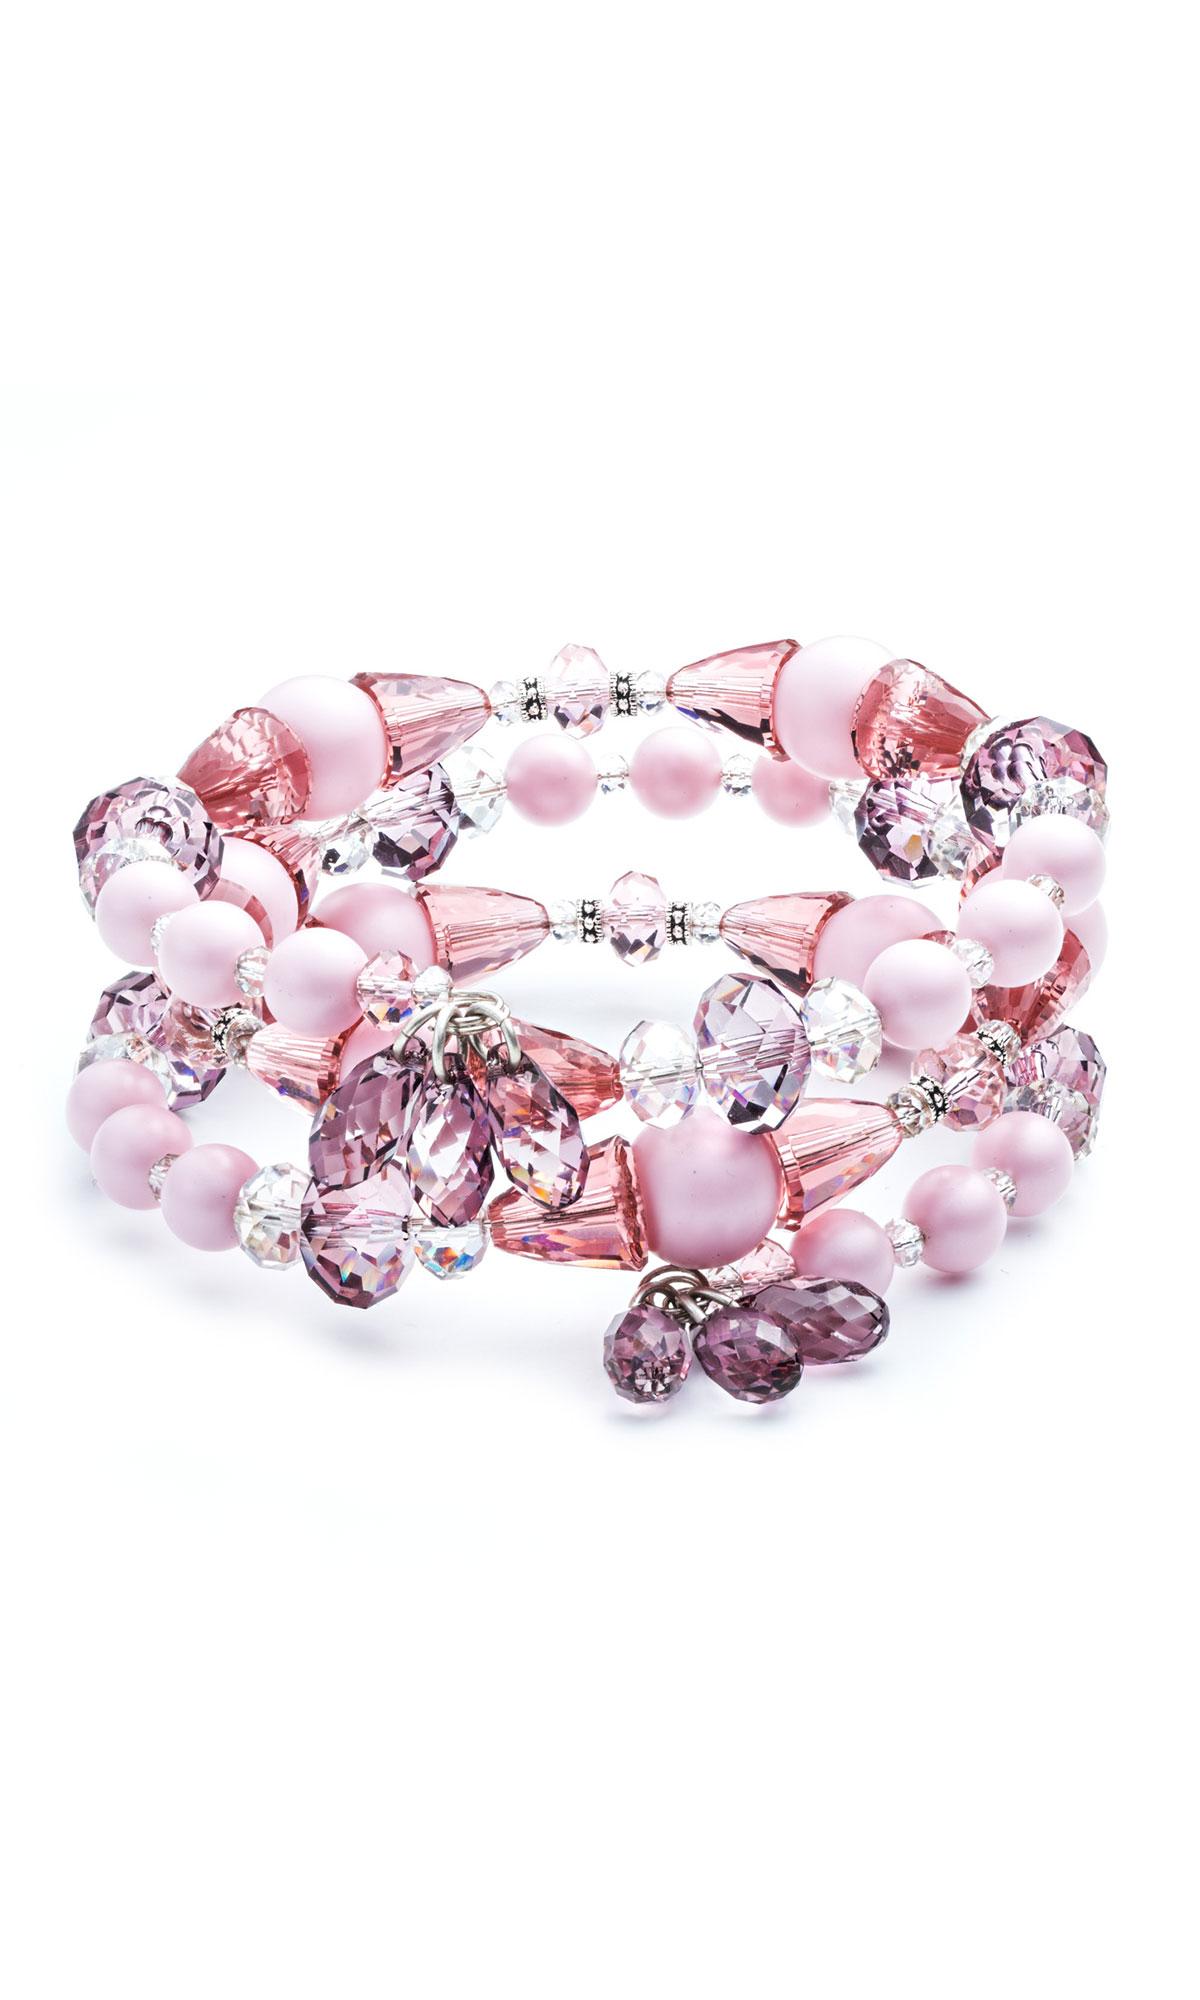 Jewelry Design - Memory Wire Bracelet with Swarovski Crystal - Fire ...